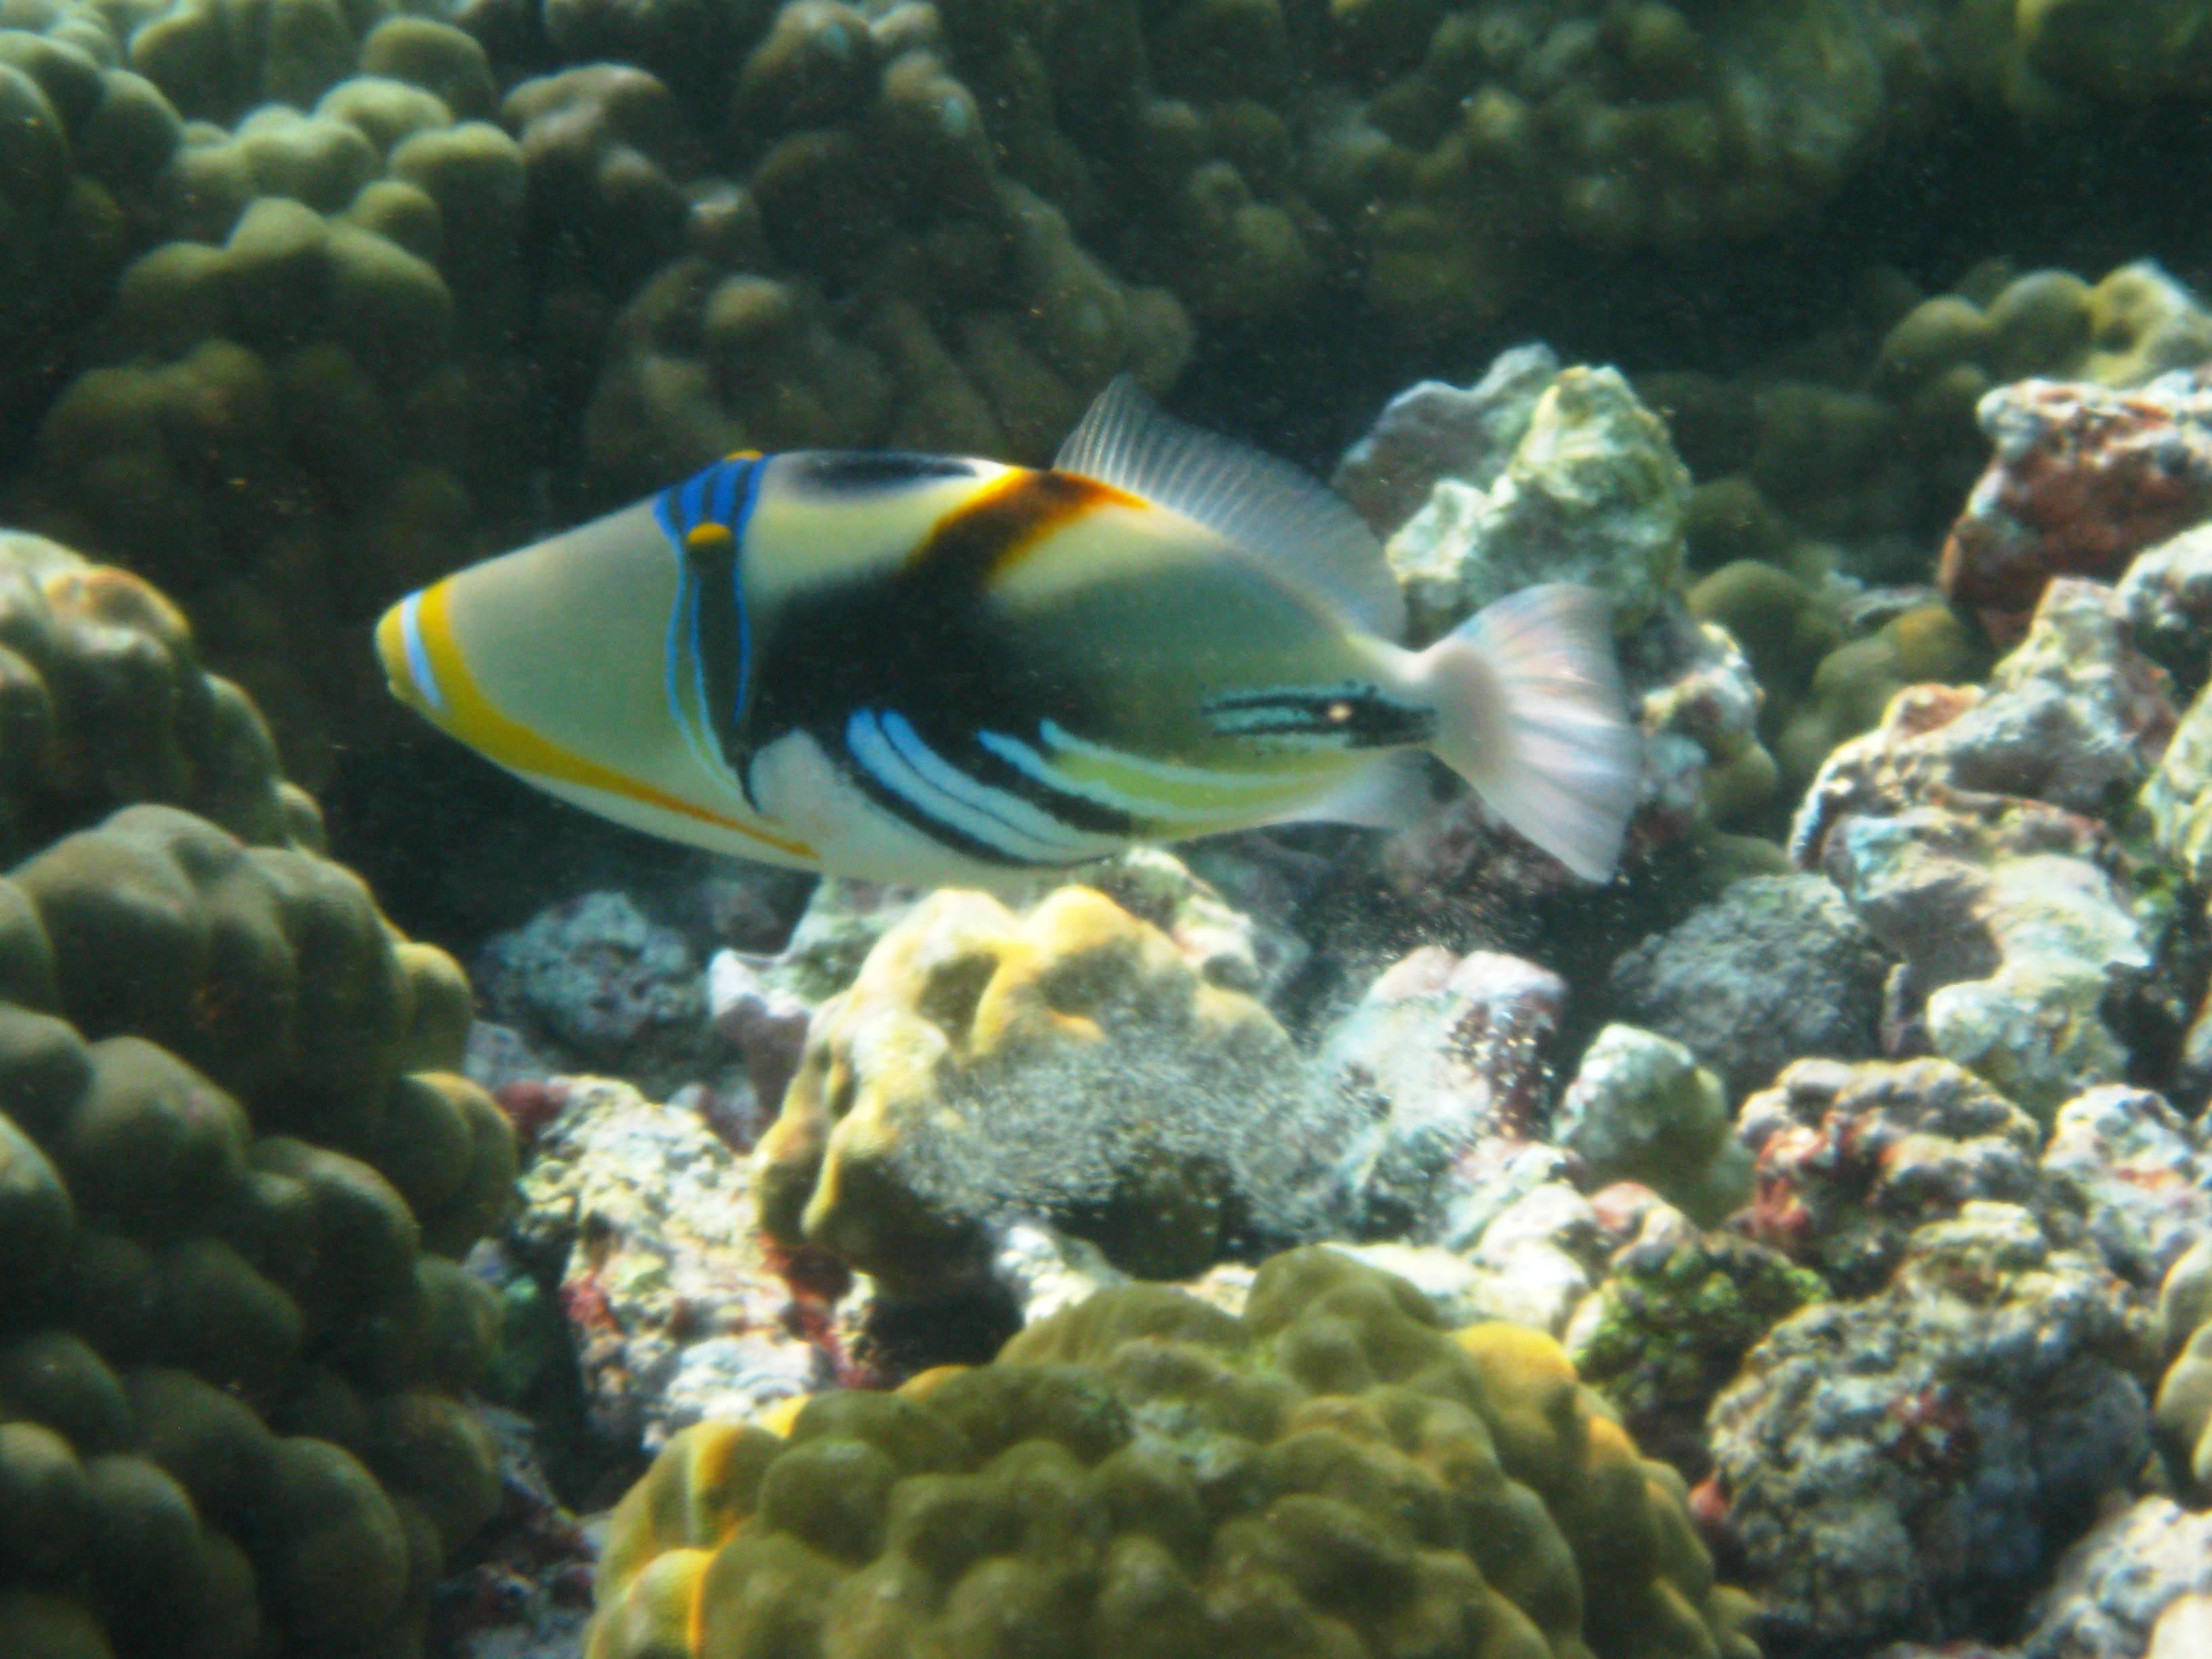 2010 Big Island Kahalu'u Hawaii fish